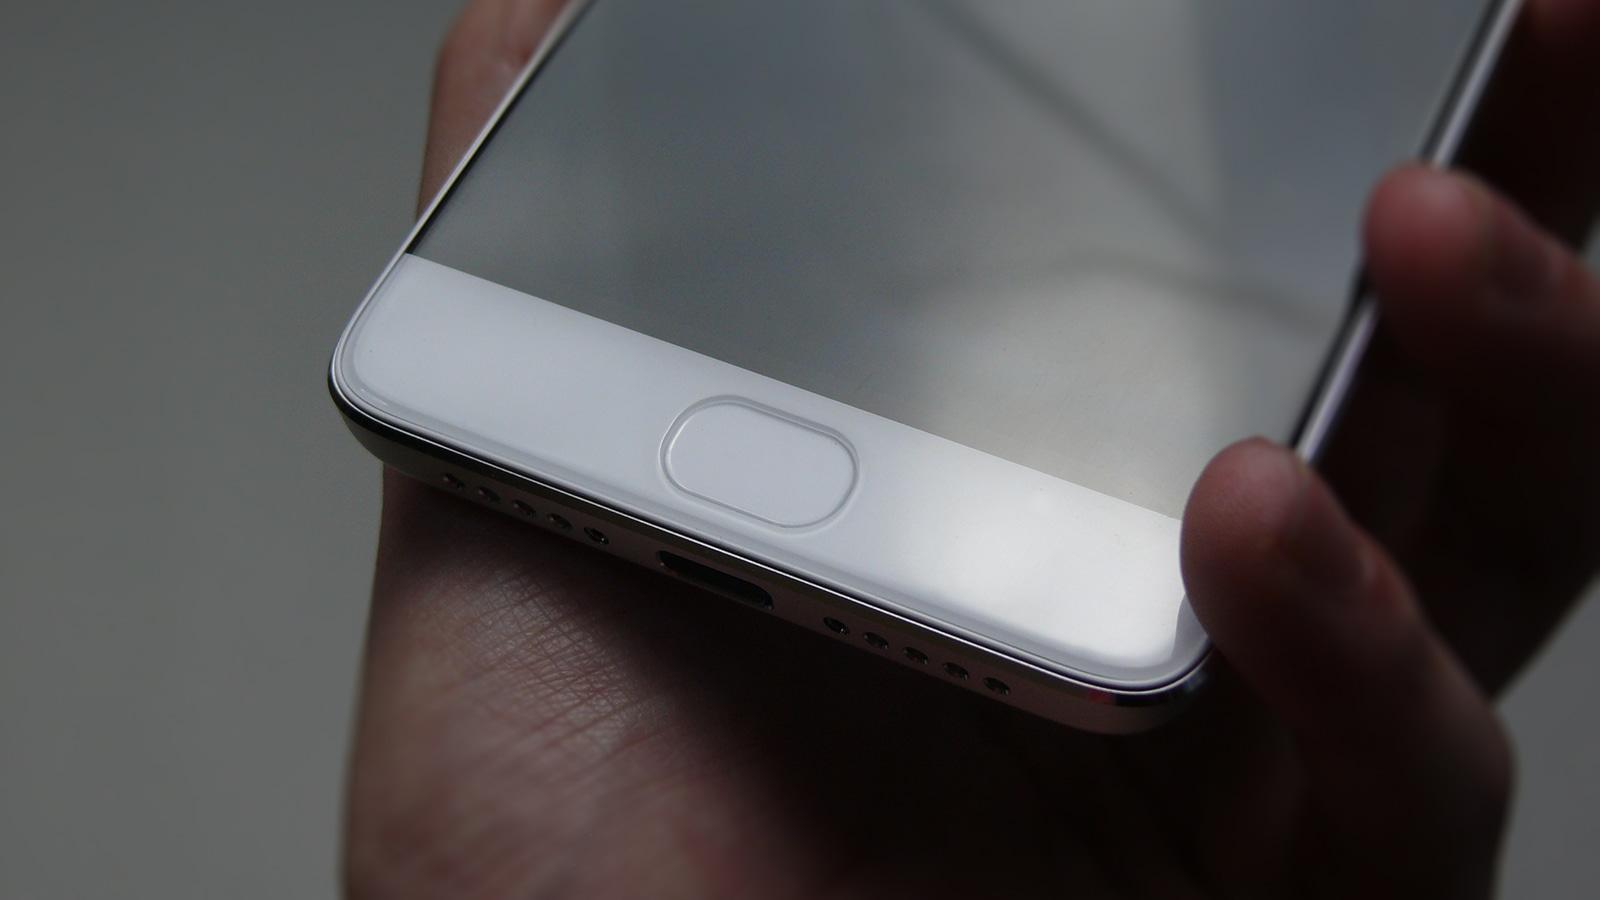 Xiaomi Mi5s 指紋認証センサー